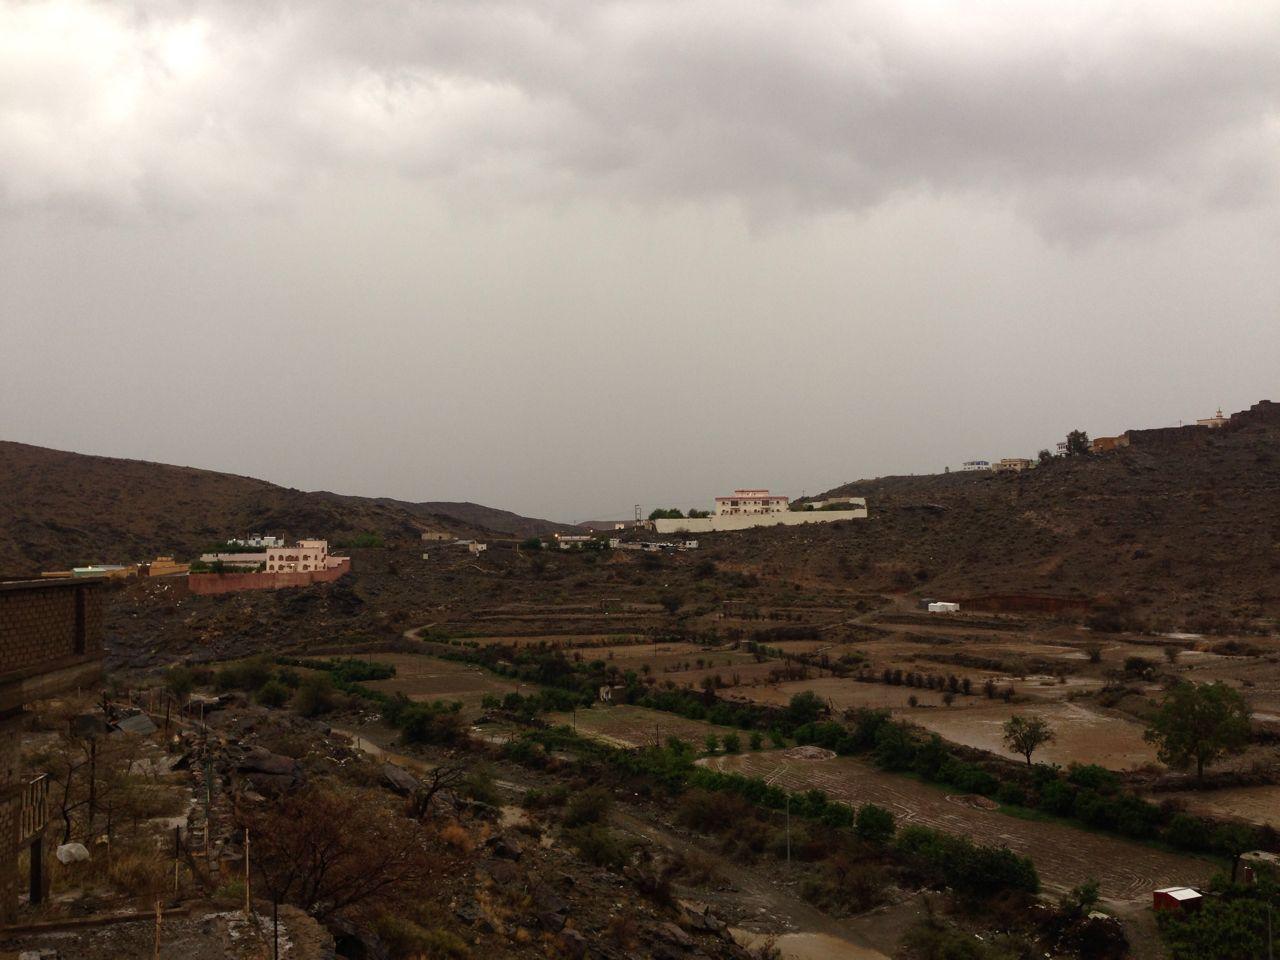 من امطار بني مالك على قري شوقب اليوم السبت 1437/6/24 CfDuqBxW8AAh0H_